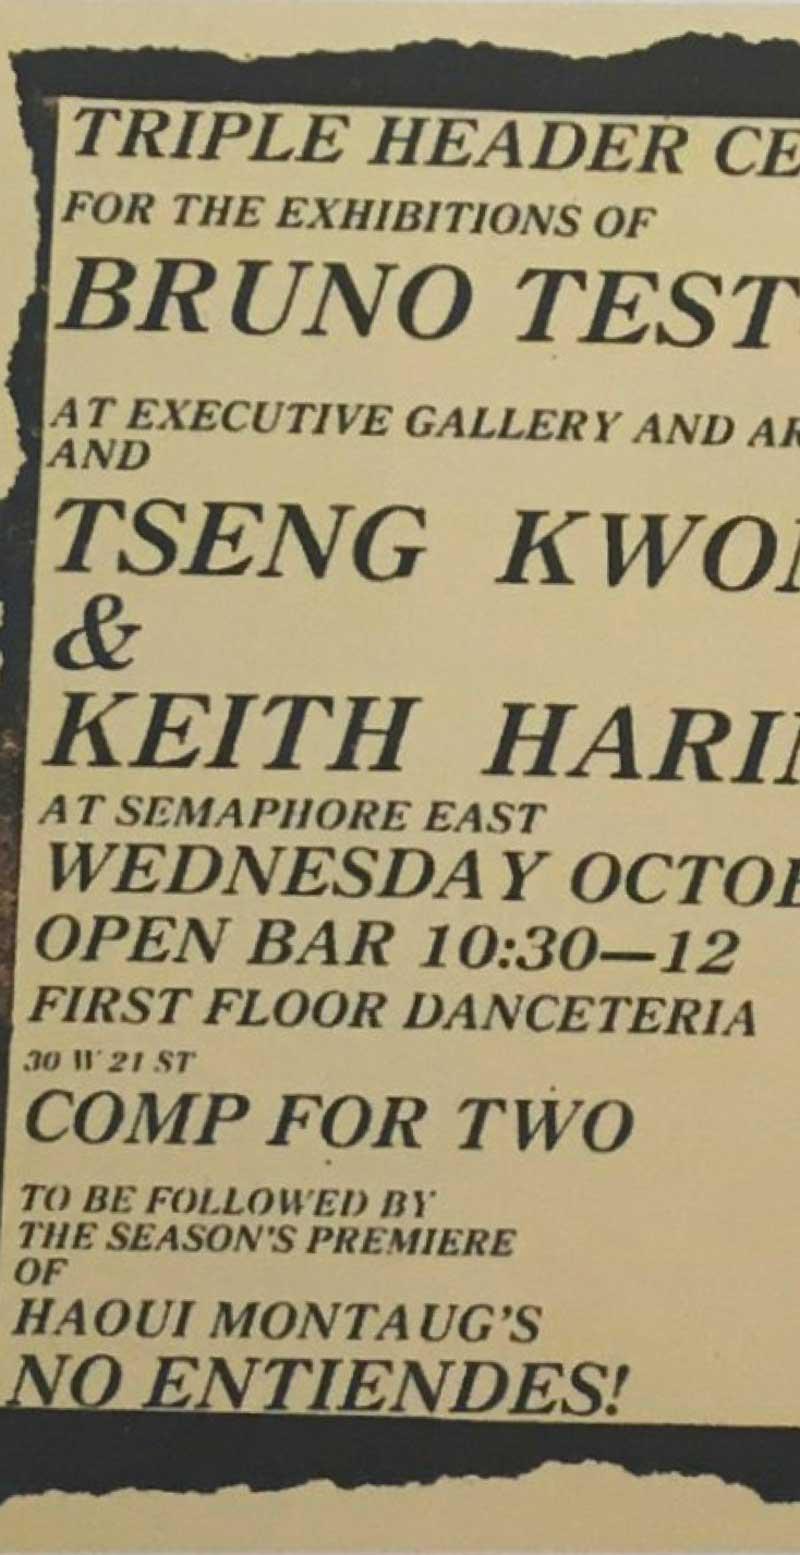 TSENG KWONG CHI